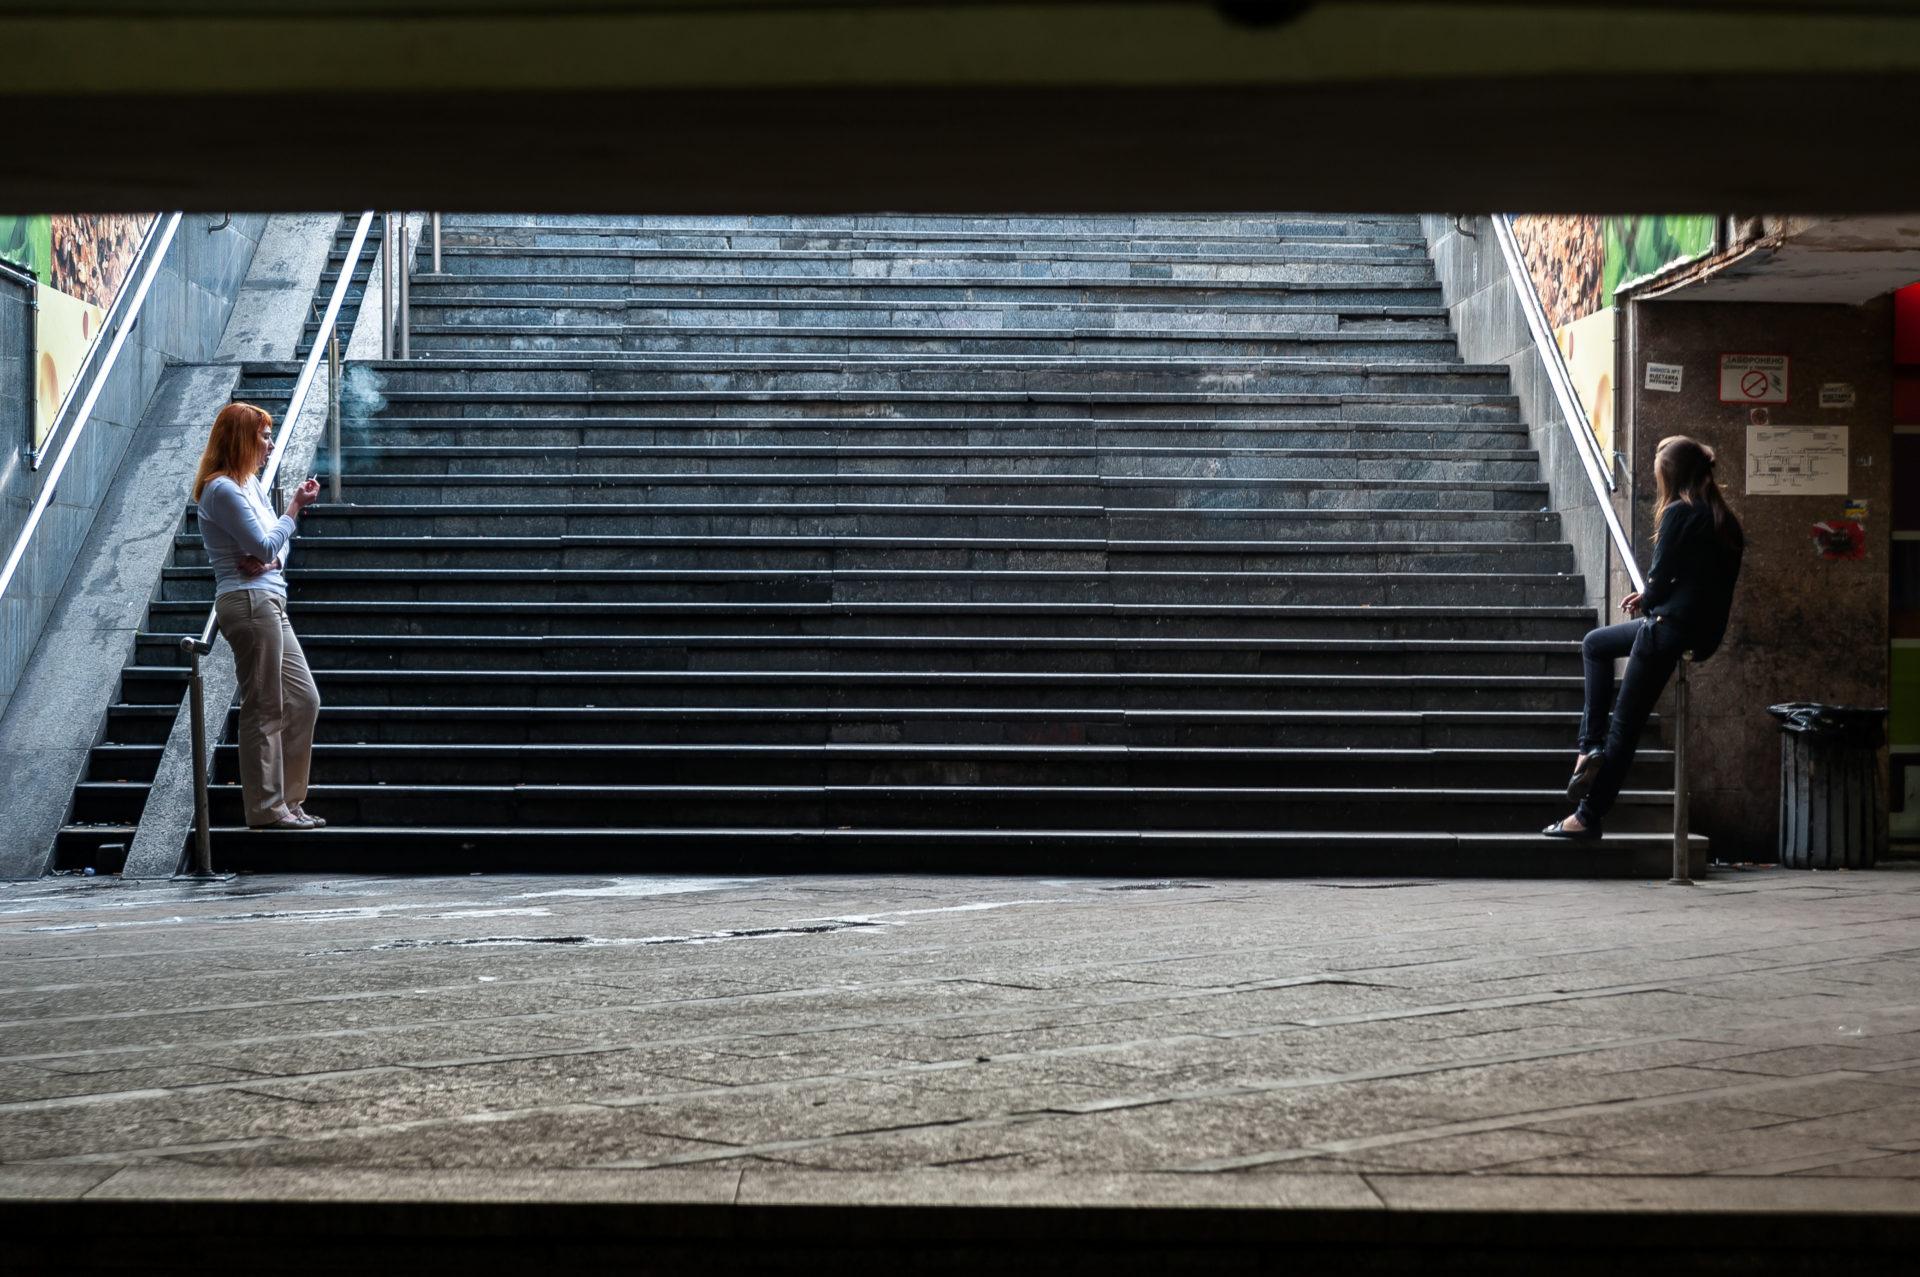 Ukraina, Kiev/Kyiv. På bilden: Under det stora Frihets-torget, Majdan, i centrala Kiev löper långa marknadsgångar som skyddar mot både snö, kyla och de hårda regnen som uppträder i staden under de varma månaderna. I affärerna och de små stånden jobbar ofta unga kvinnor. Trappan leder upp till dagen vid det stora posthuset vid torget ovanför. Foto: Johan Lindstén